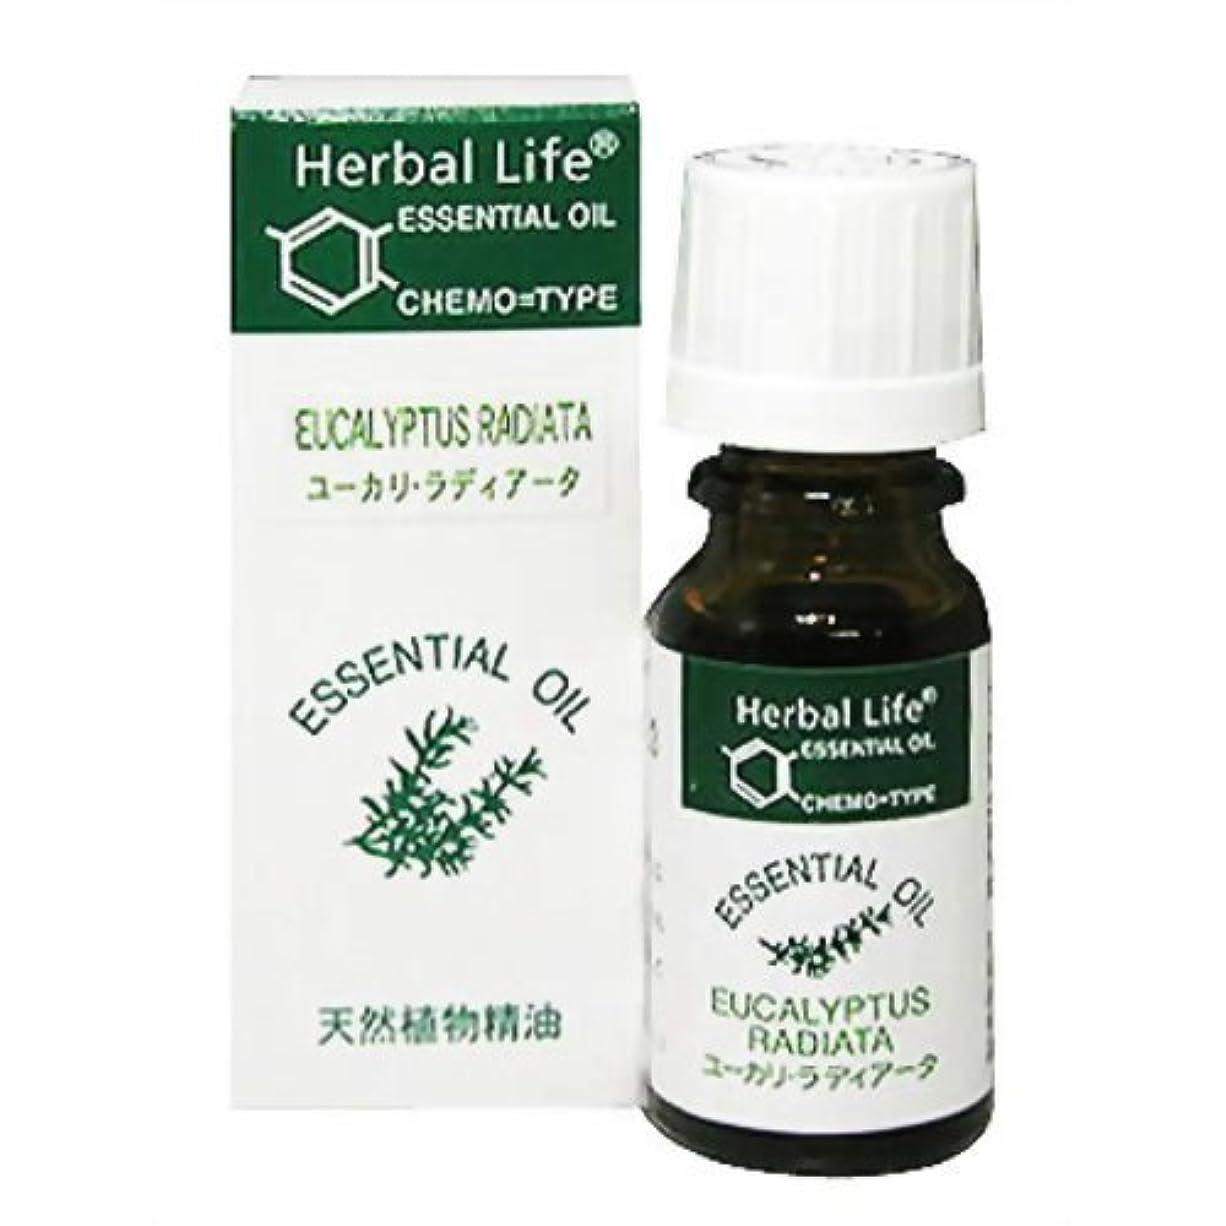 除外する喜ぶ干渉Herbal Life ユーカリ?ラディアータ 10ml